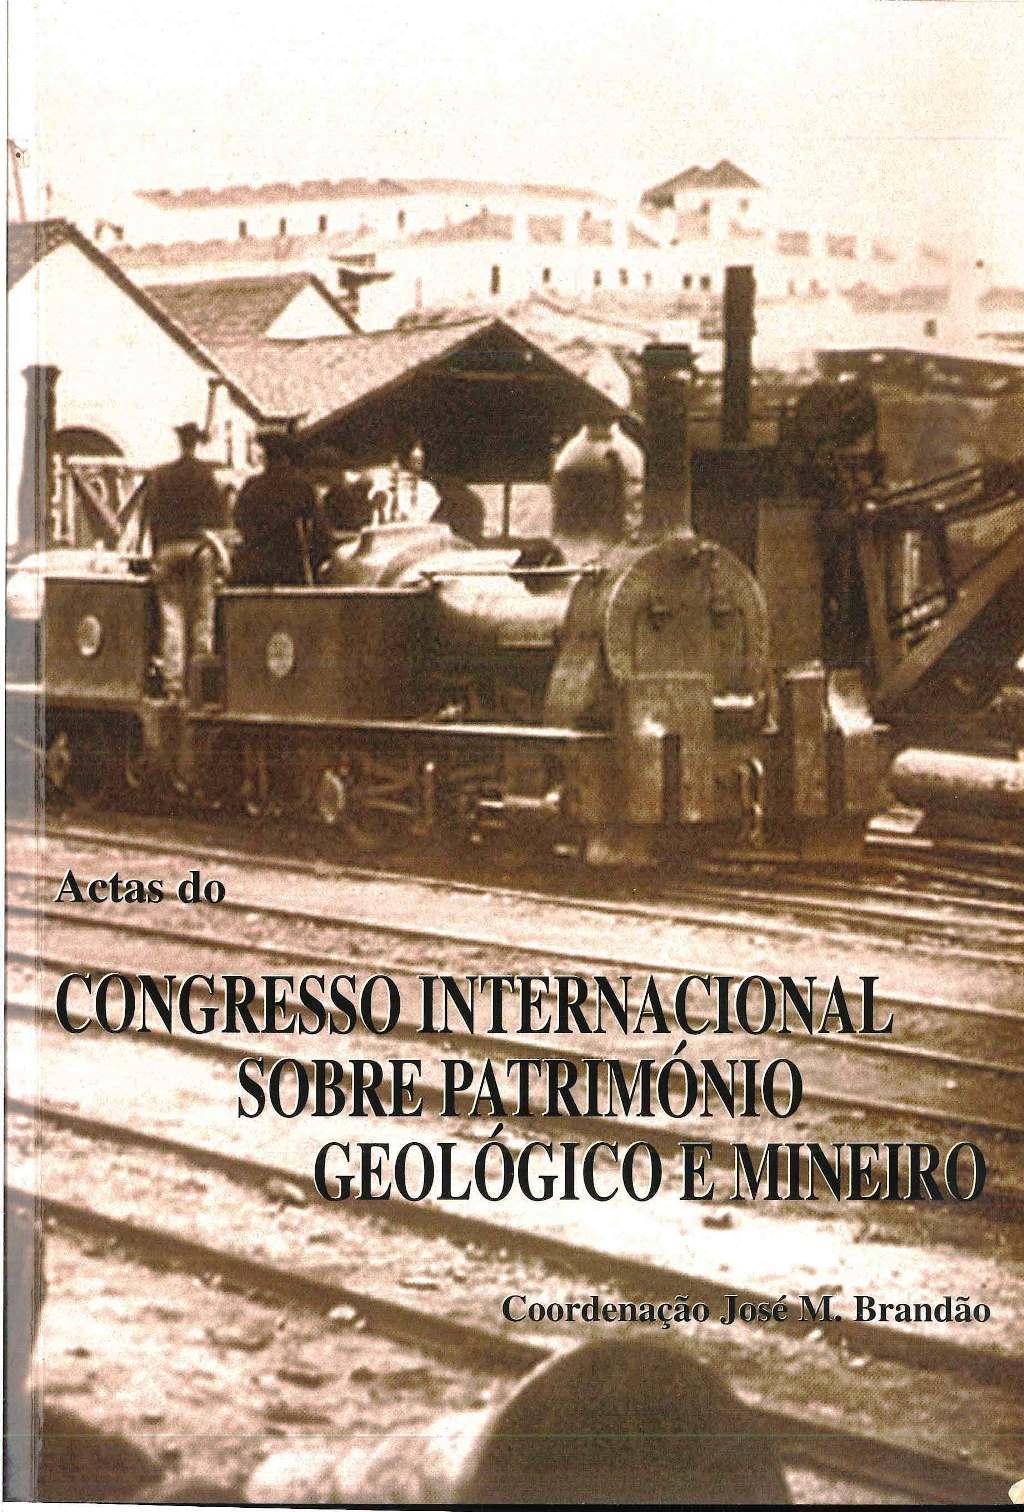 Livro de Actas do Congresso Internacional sobre Património Geológico e Mineiro